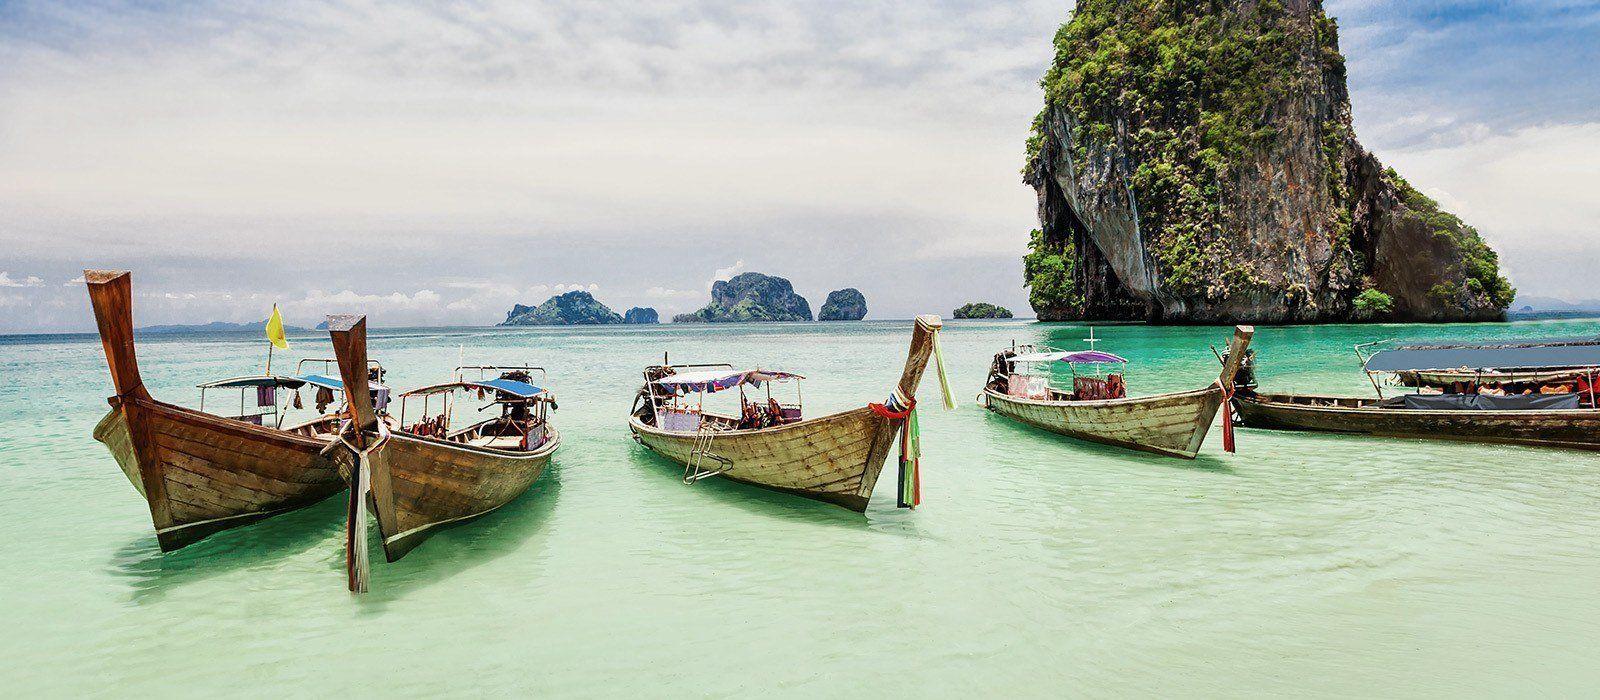 Staunen, Shoppen & Sonnen in Thailand Urlaub 3